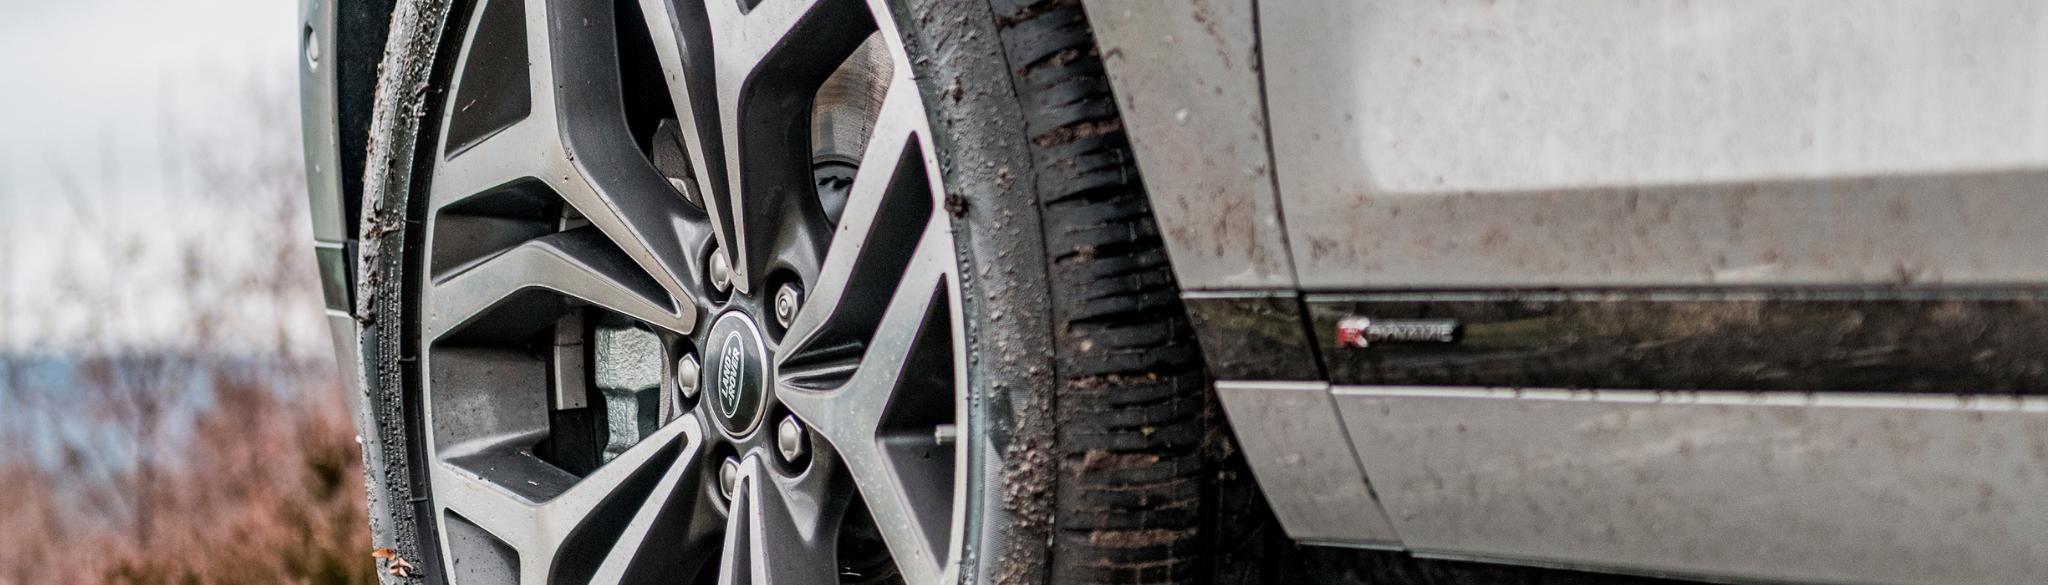 Range Rover Evoque Dirty Alloy